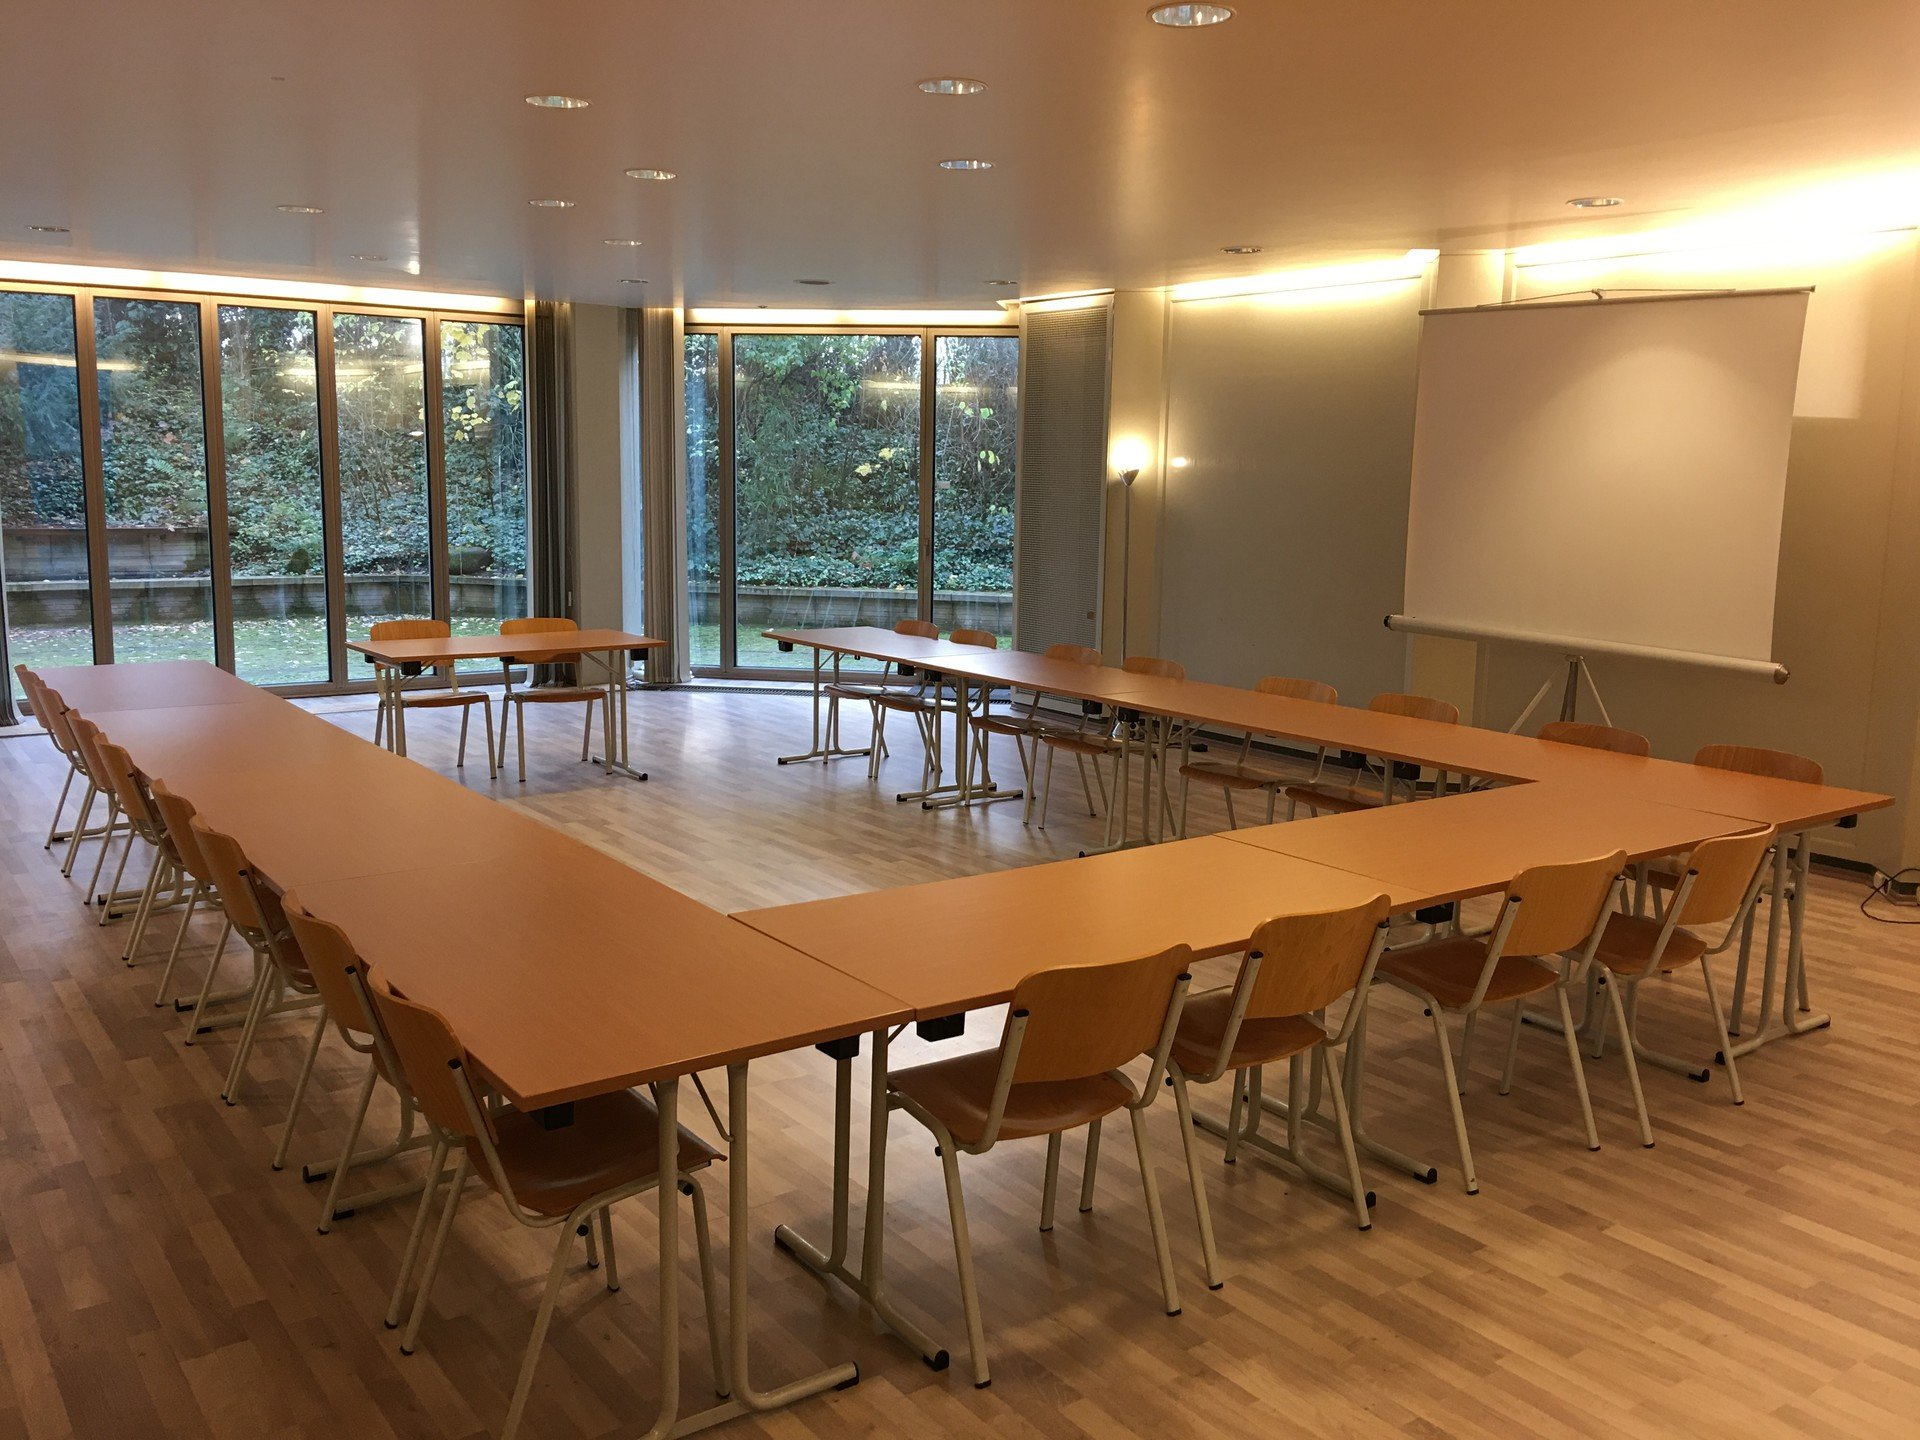 Cologne  Salle de réunion In Beethovenpark Large, Köln image 6